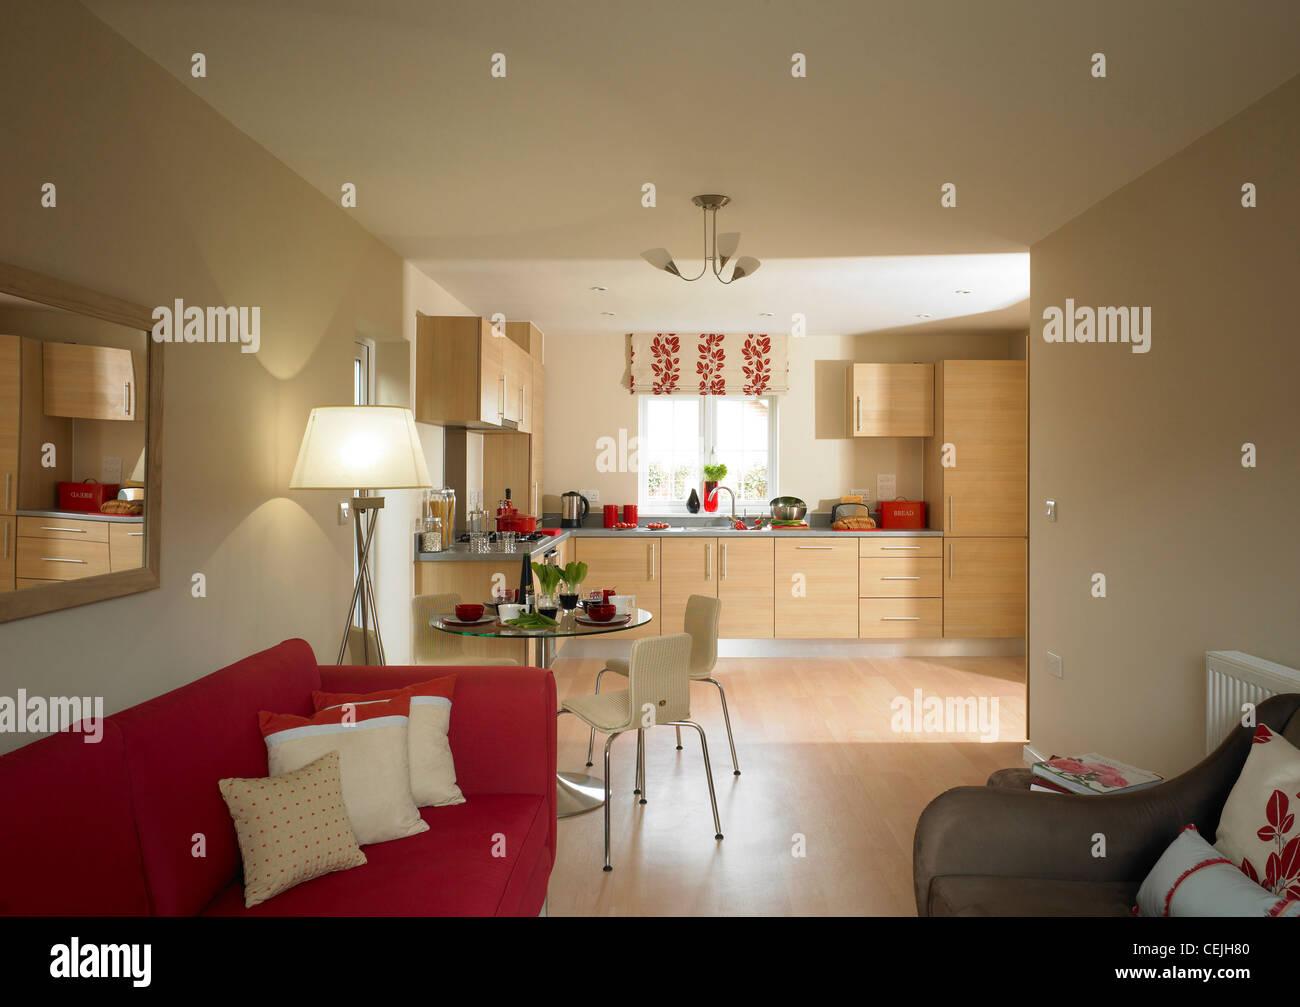 Offener Blick auf Küche und Lounge-Bereich Stockfoto, Bild: 43434608 ...